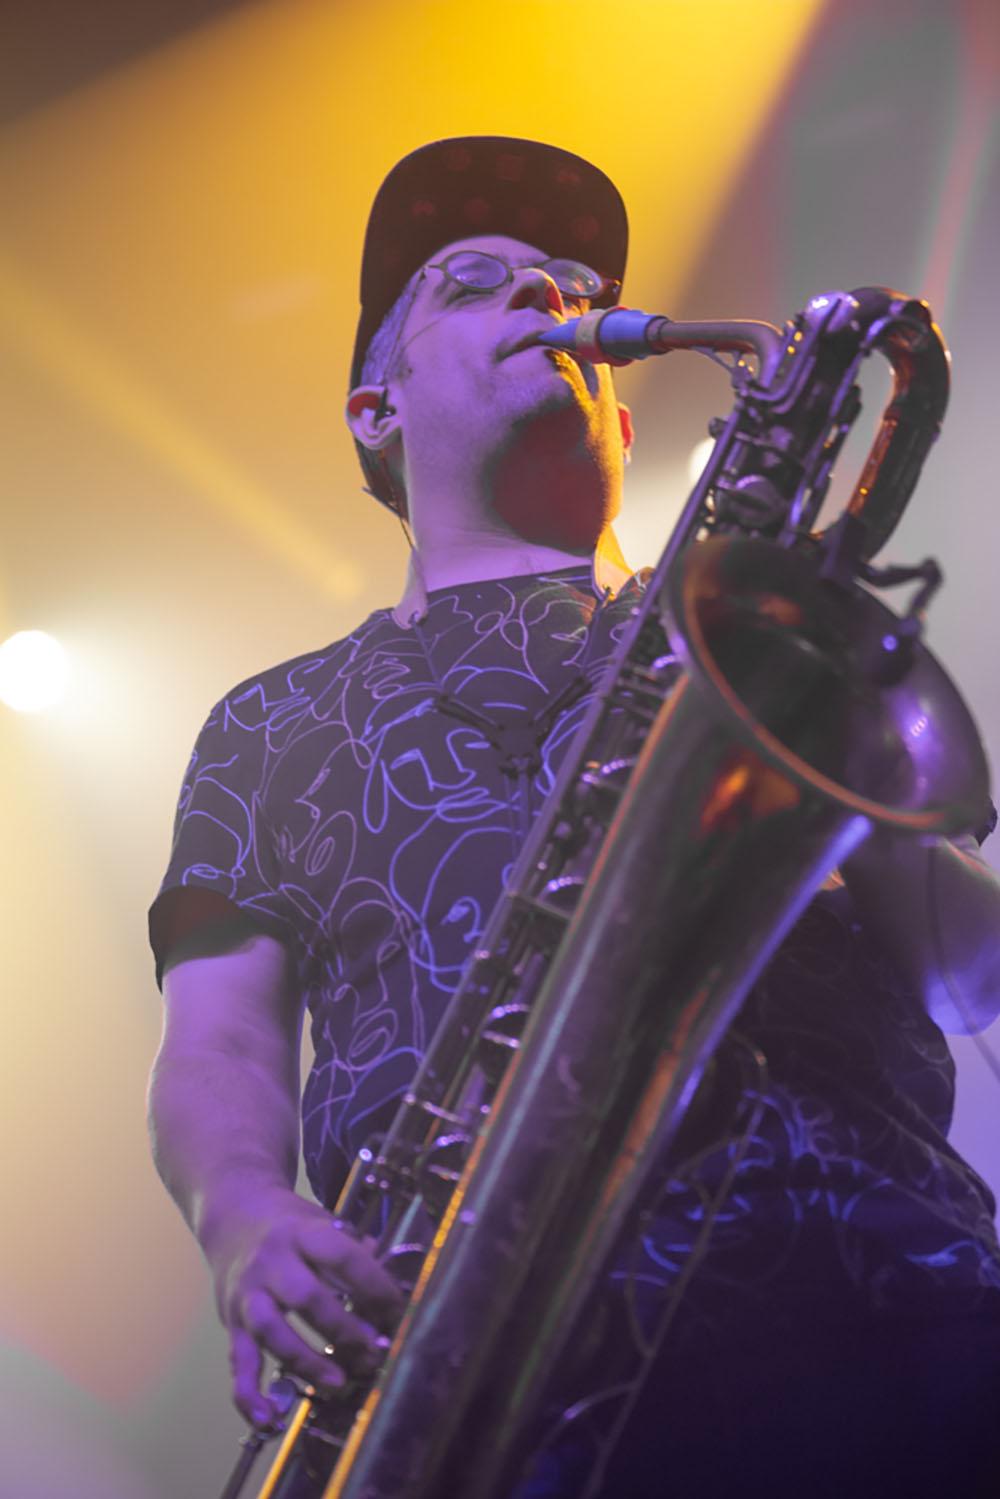 TromboneShorty_PreludePress_AveryZorn-59.jpg